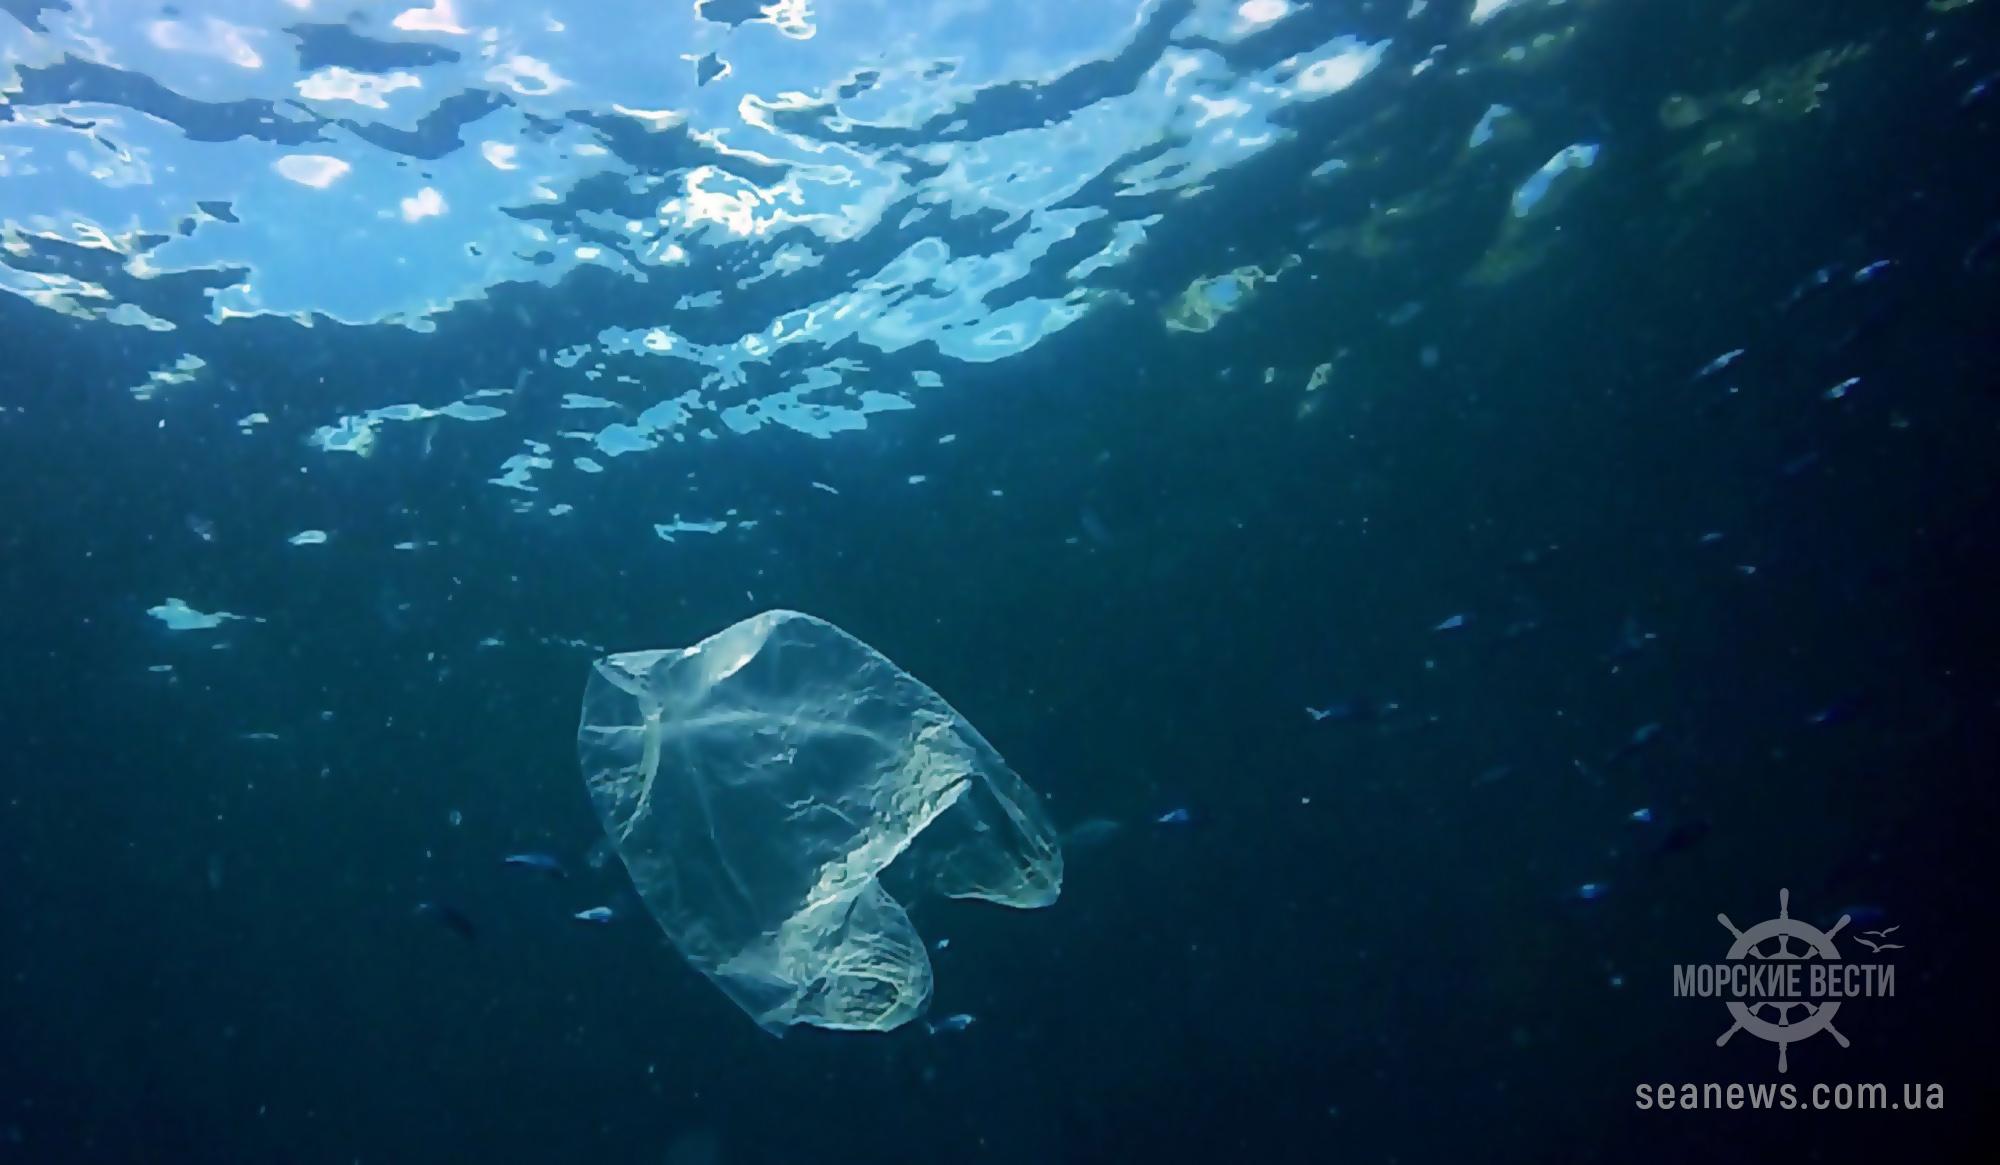 Ученые измерили количество микропластика в Черном море